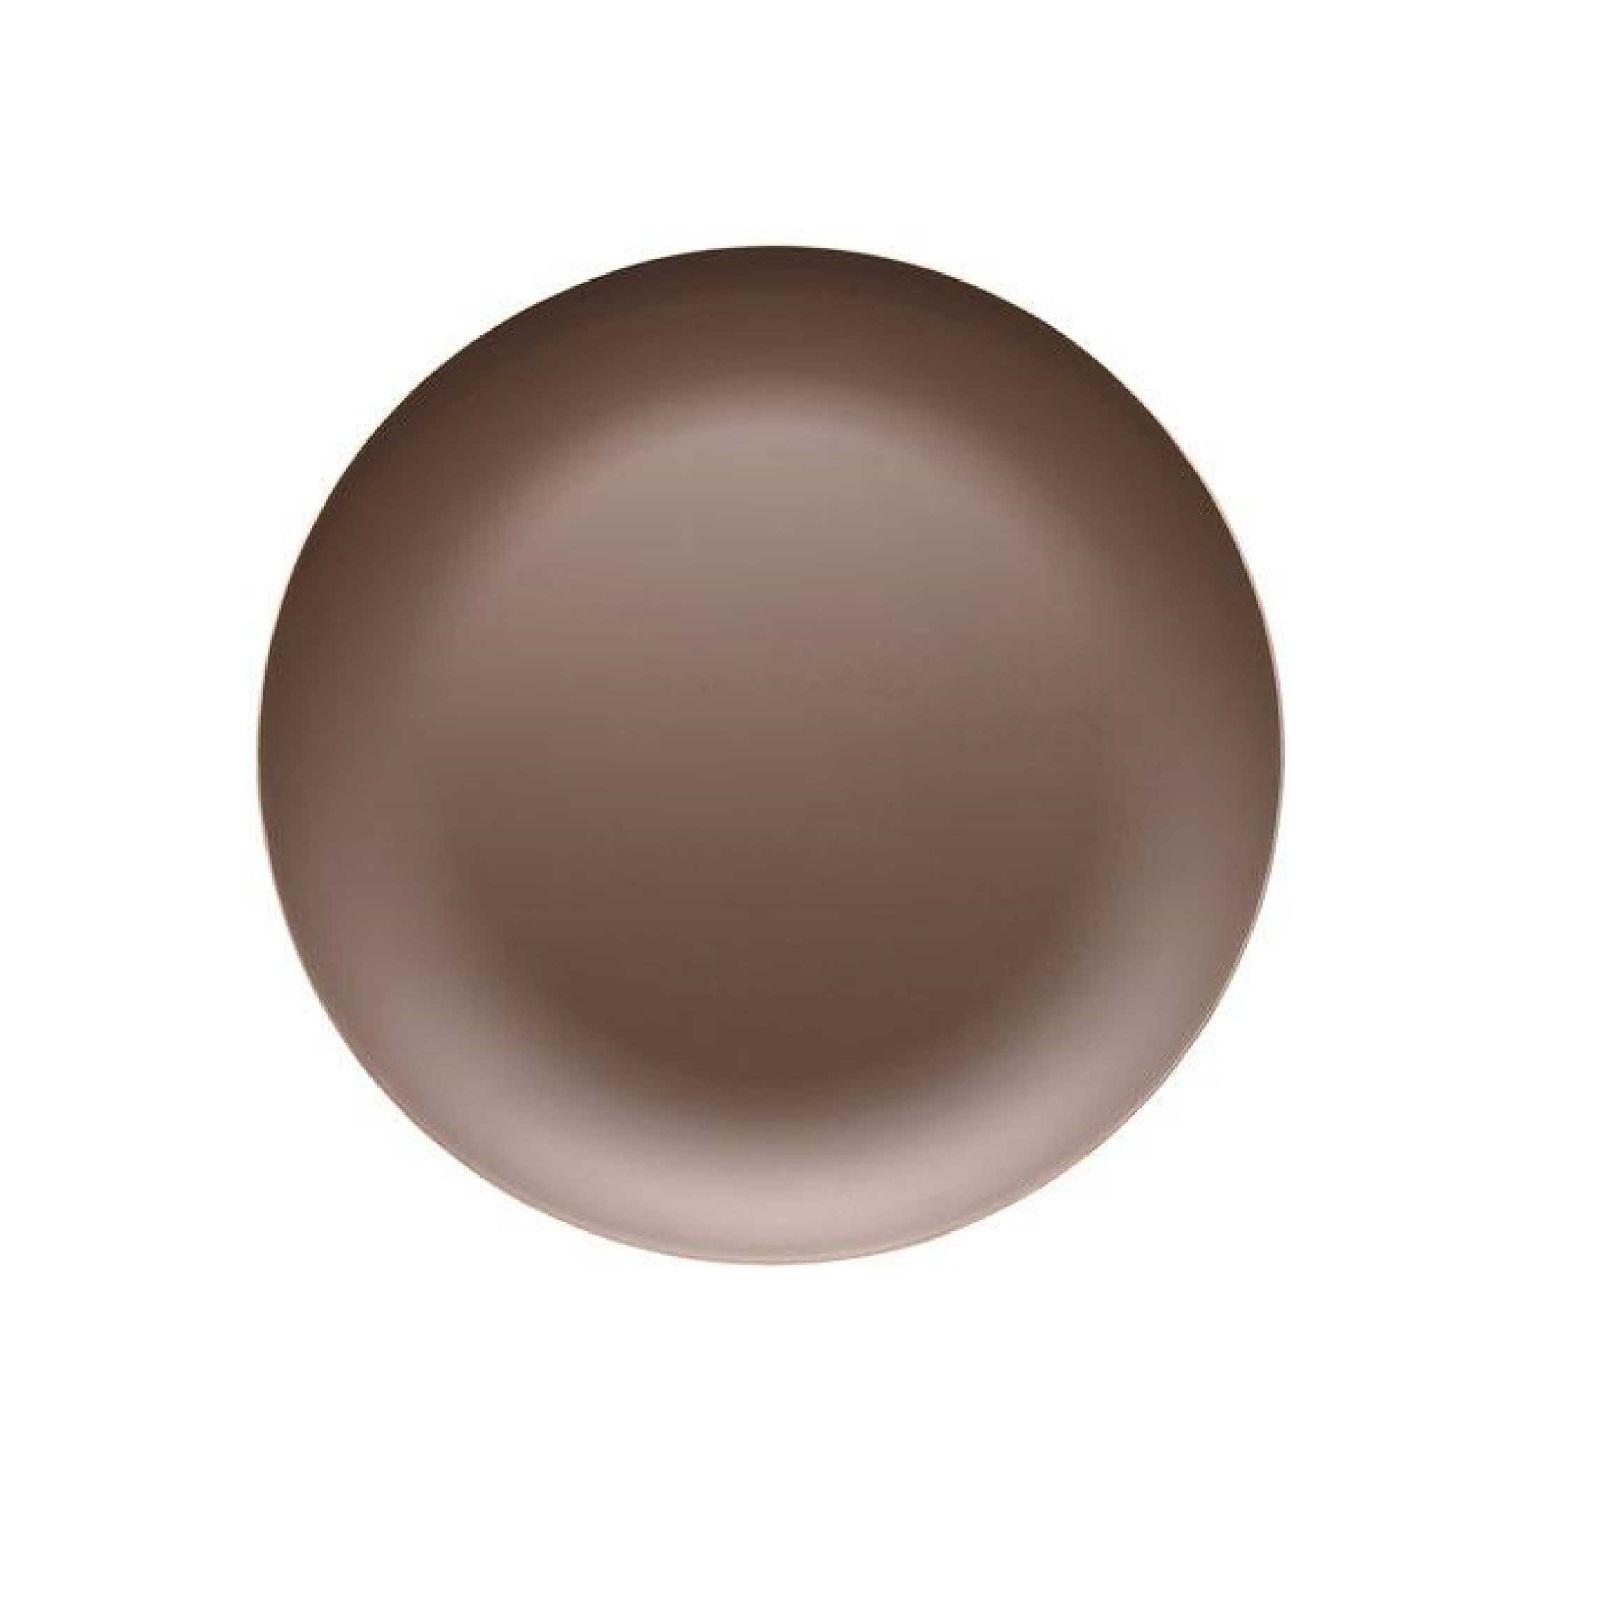 Поднос сервировочный деревянный Rosenthal SUNNY DAY, диаметр 41 см, коричневый Rosenthal 69763-408526-05642 фото 2